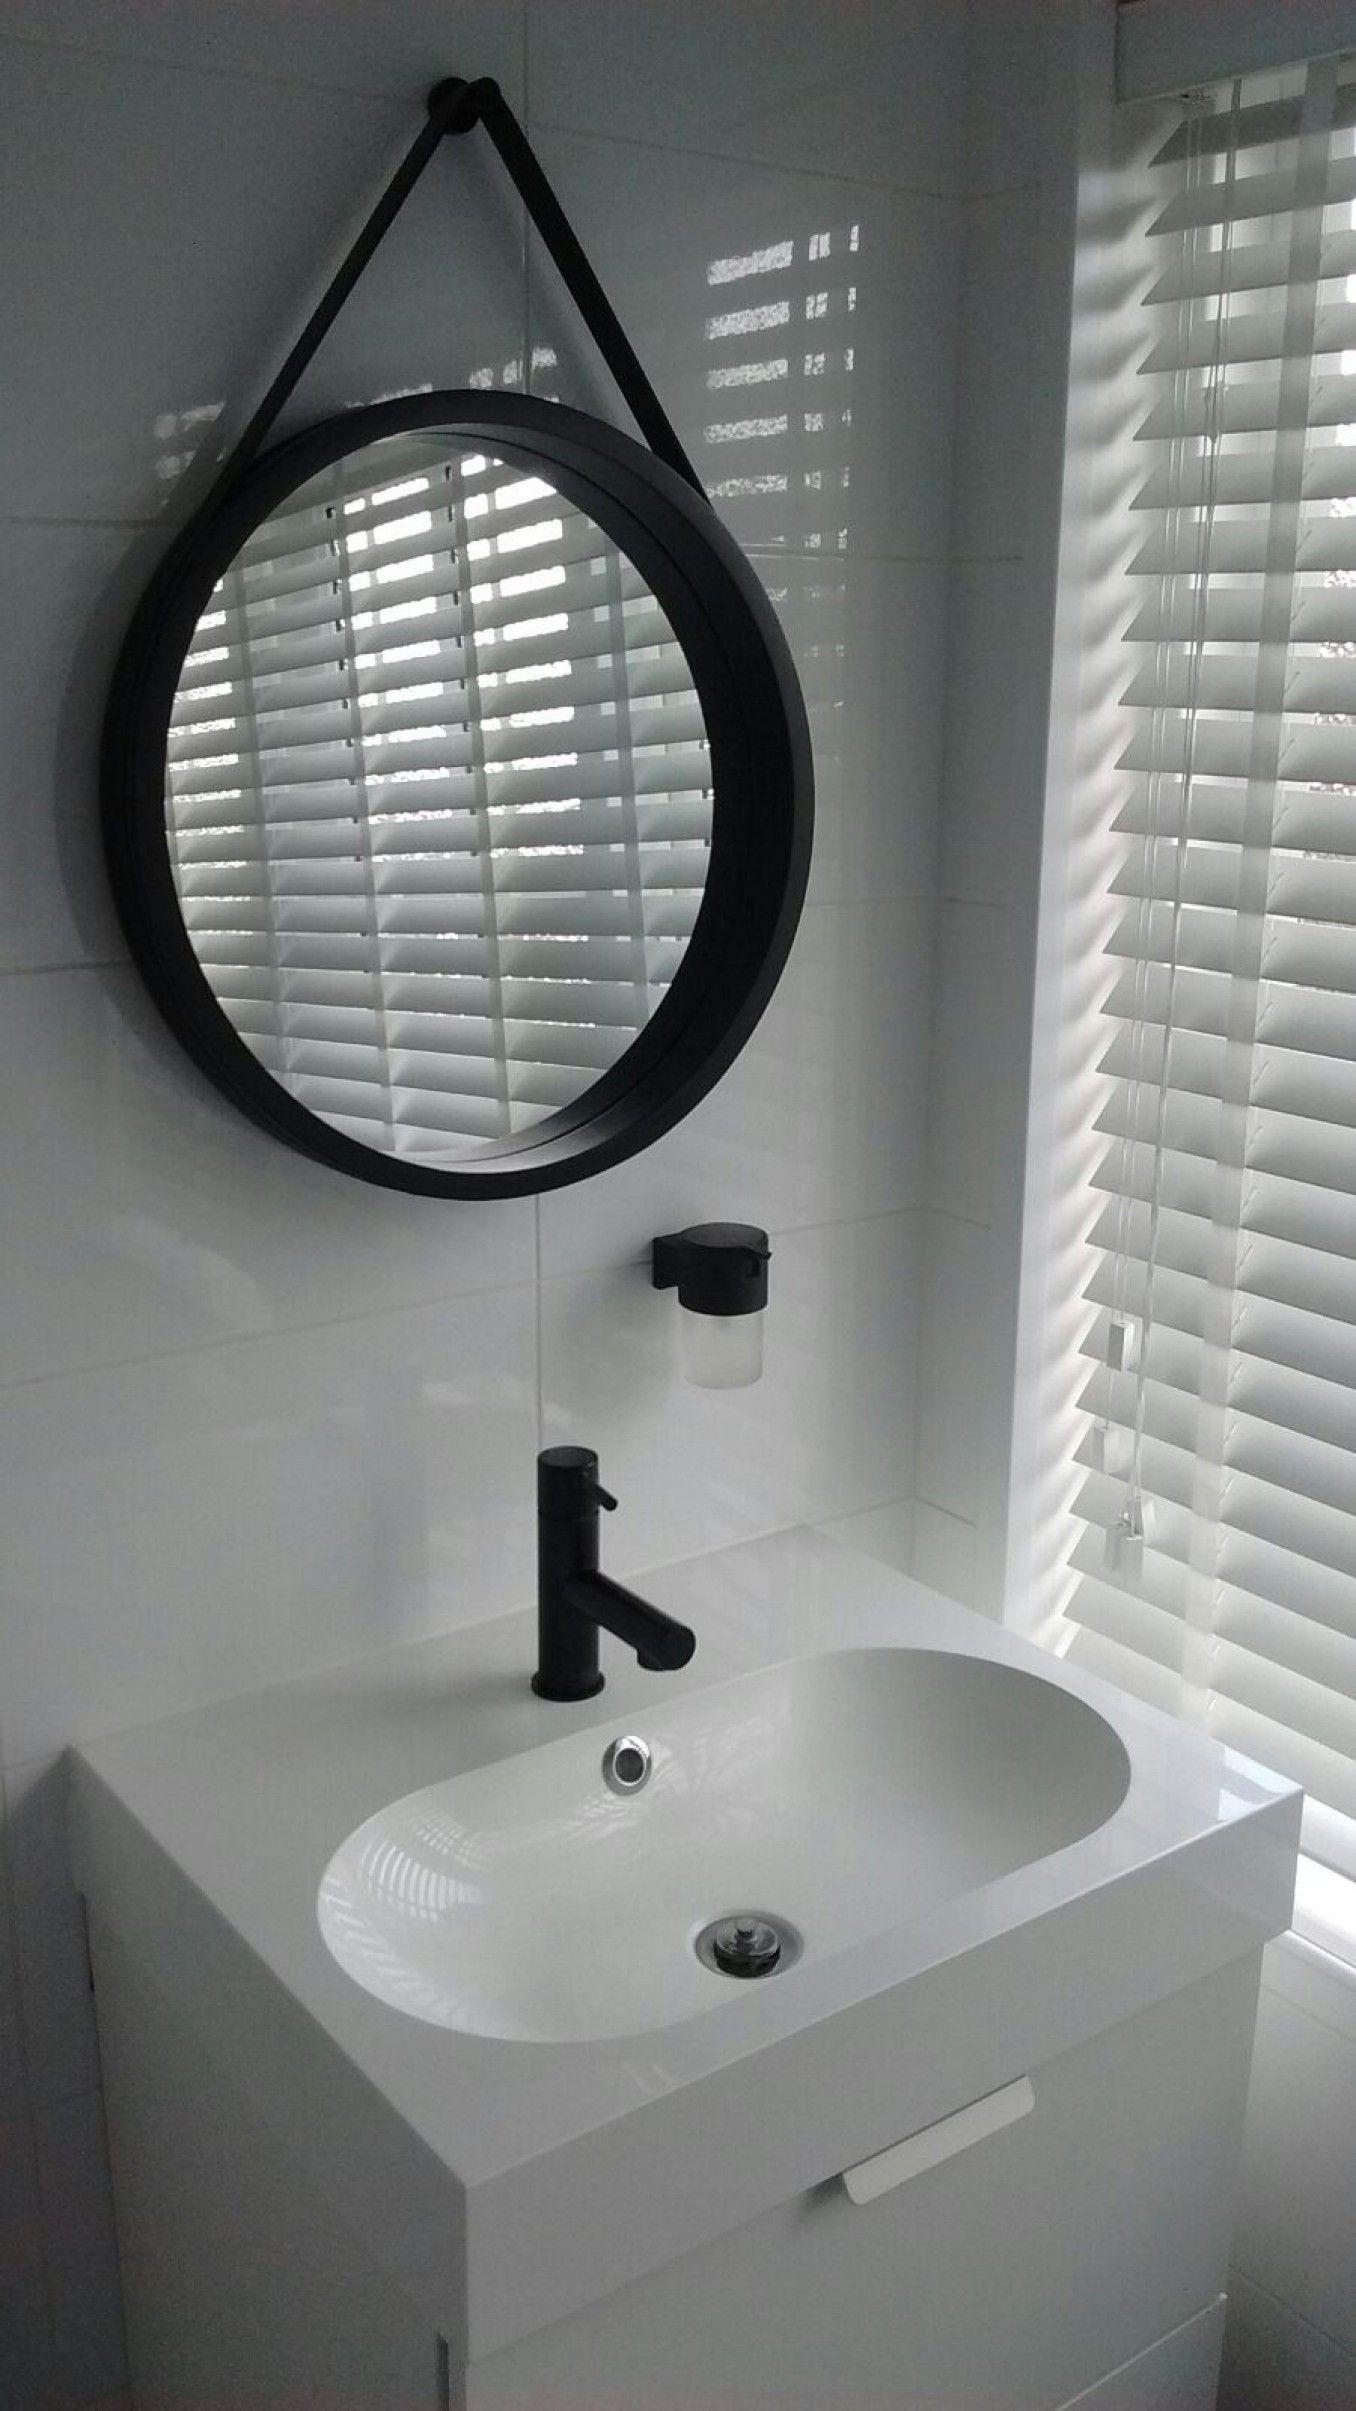 badkamer - Wasmeubel van Ikea, zwarte kraan en zeepdispenser van ...